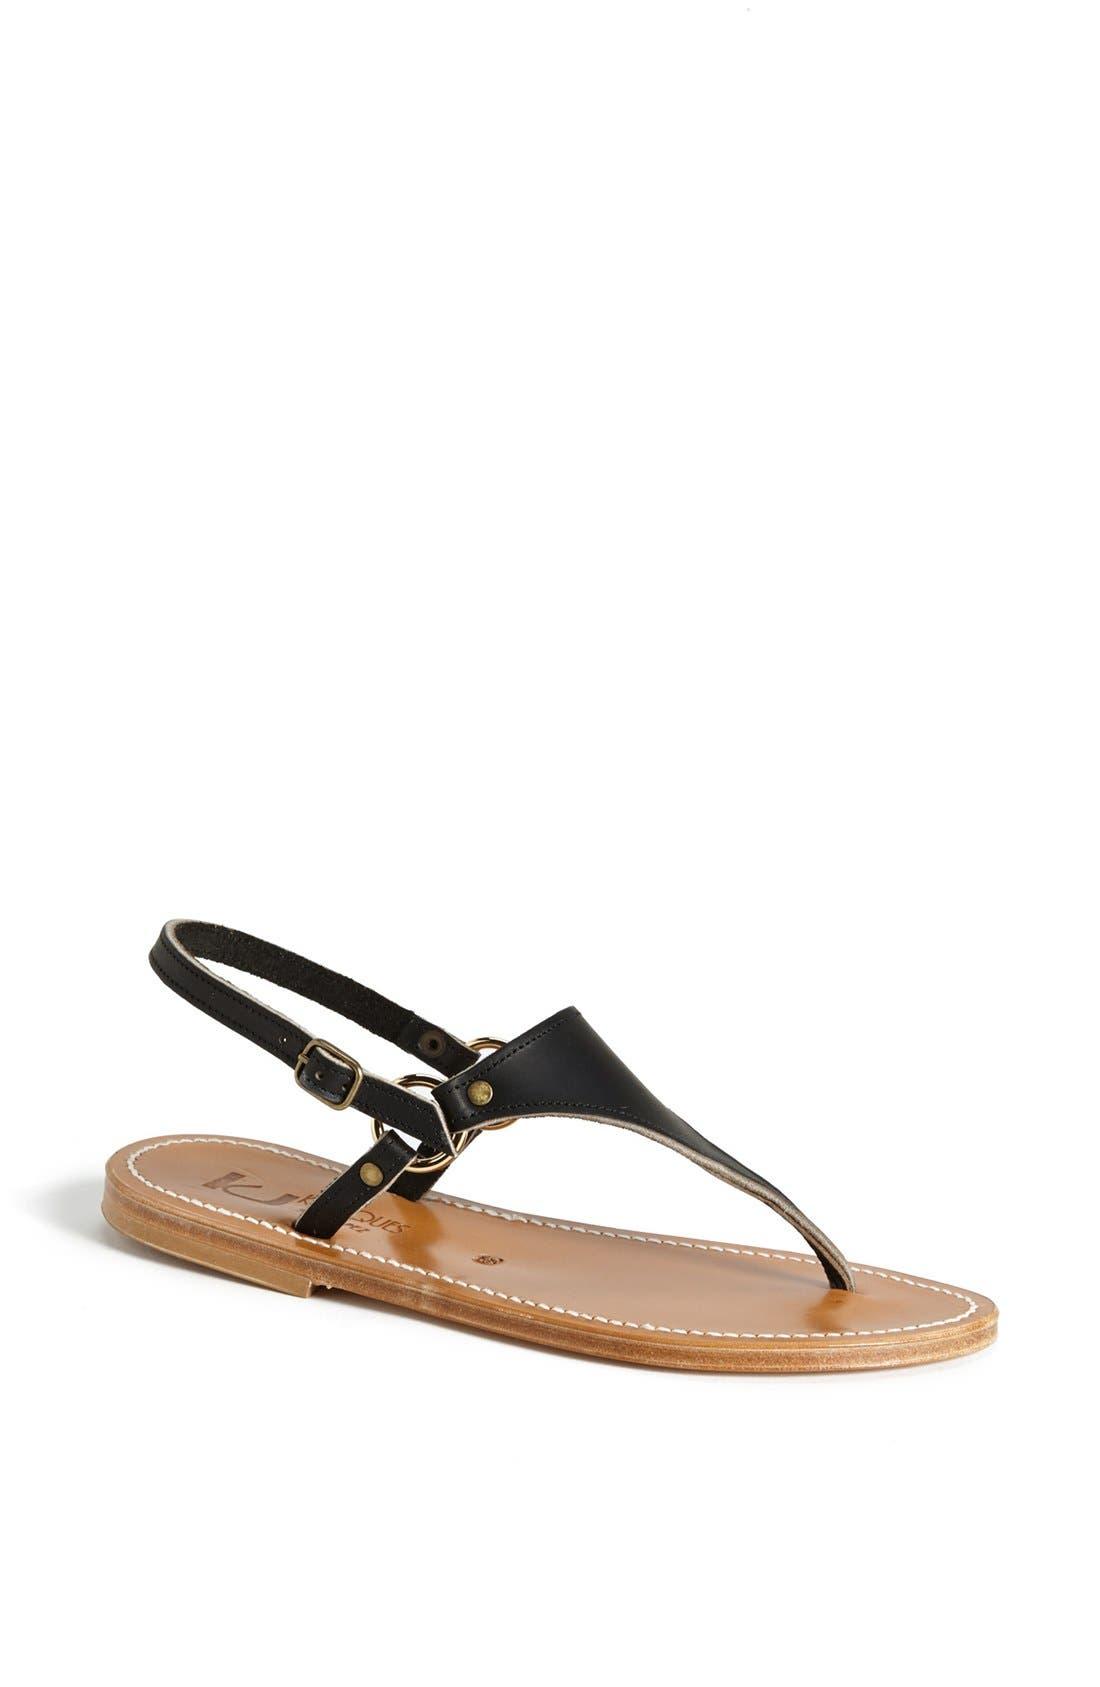 K Jacques St. Tropez Triton Thong Sandals cheap sale 2014 unisex qAopGpqjM